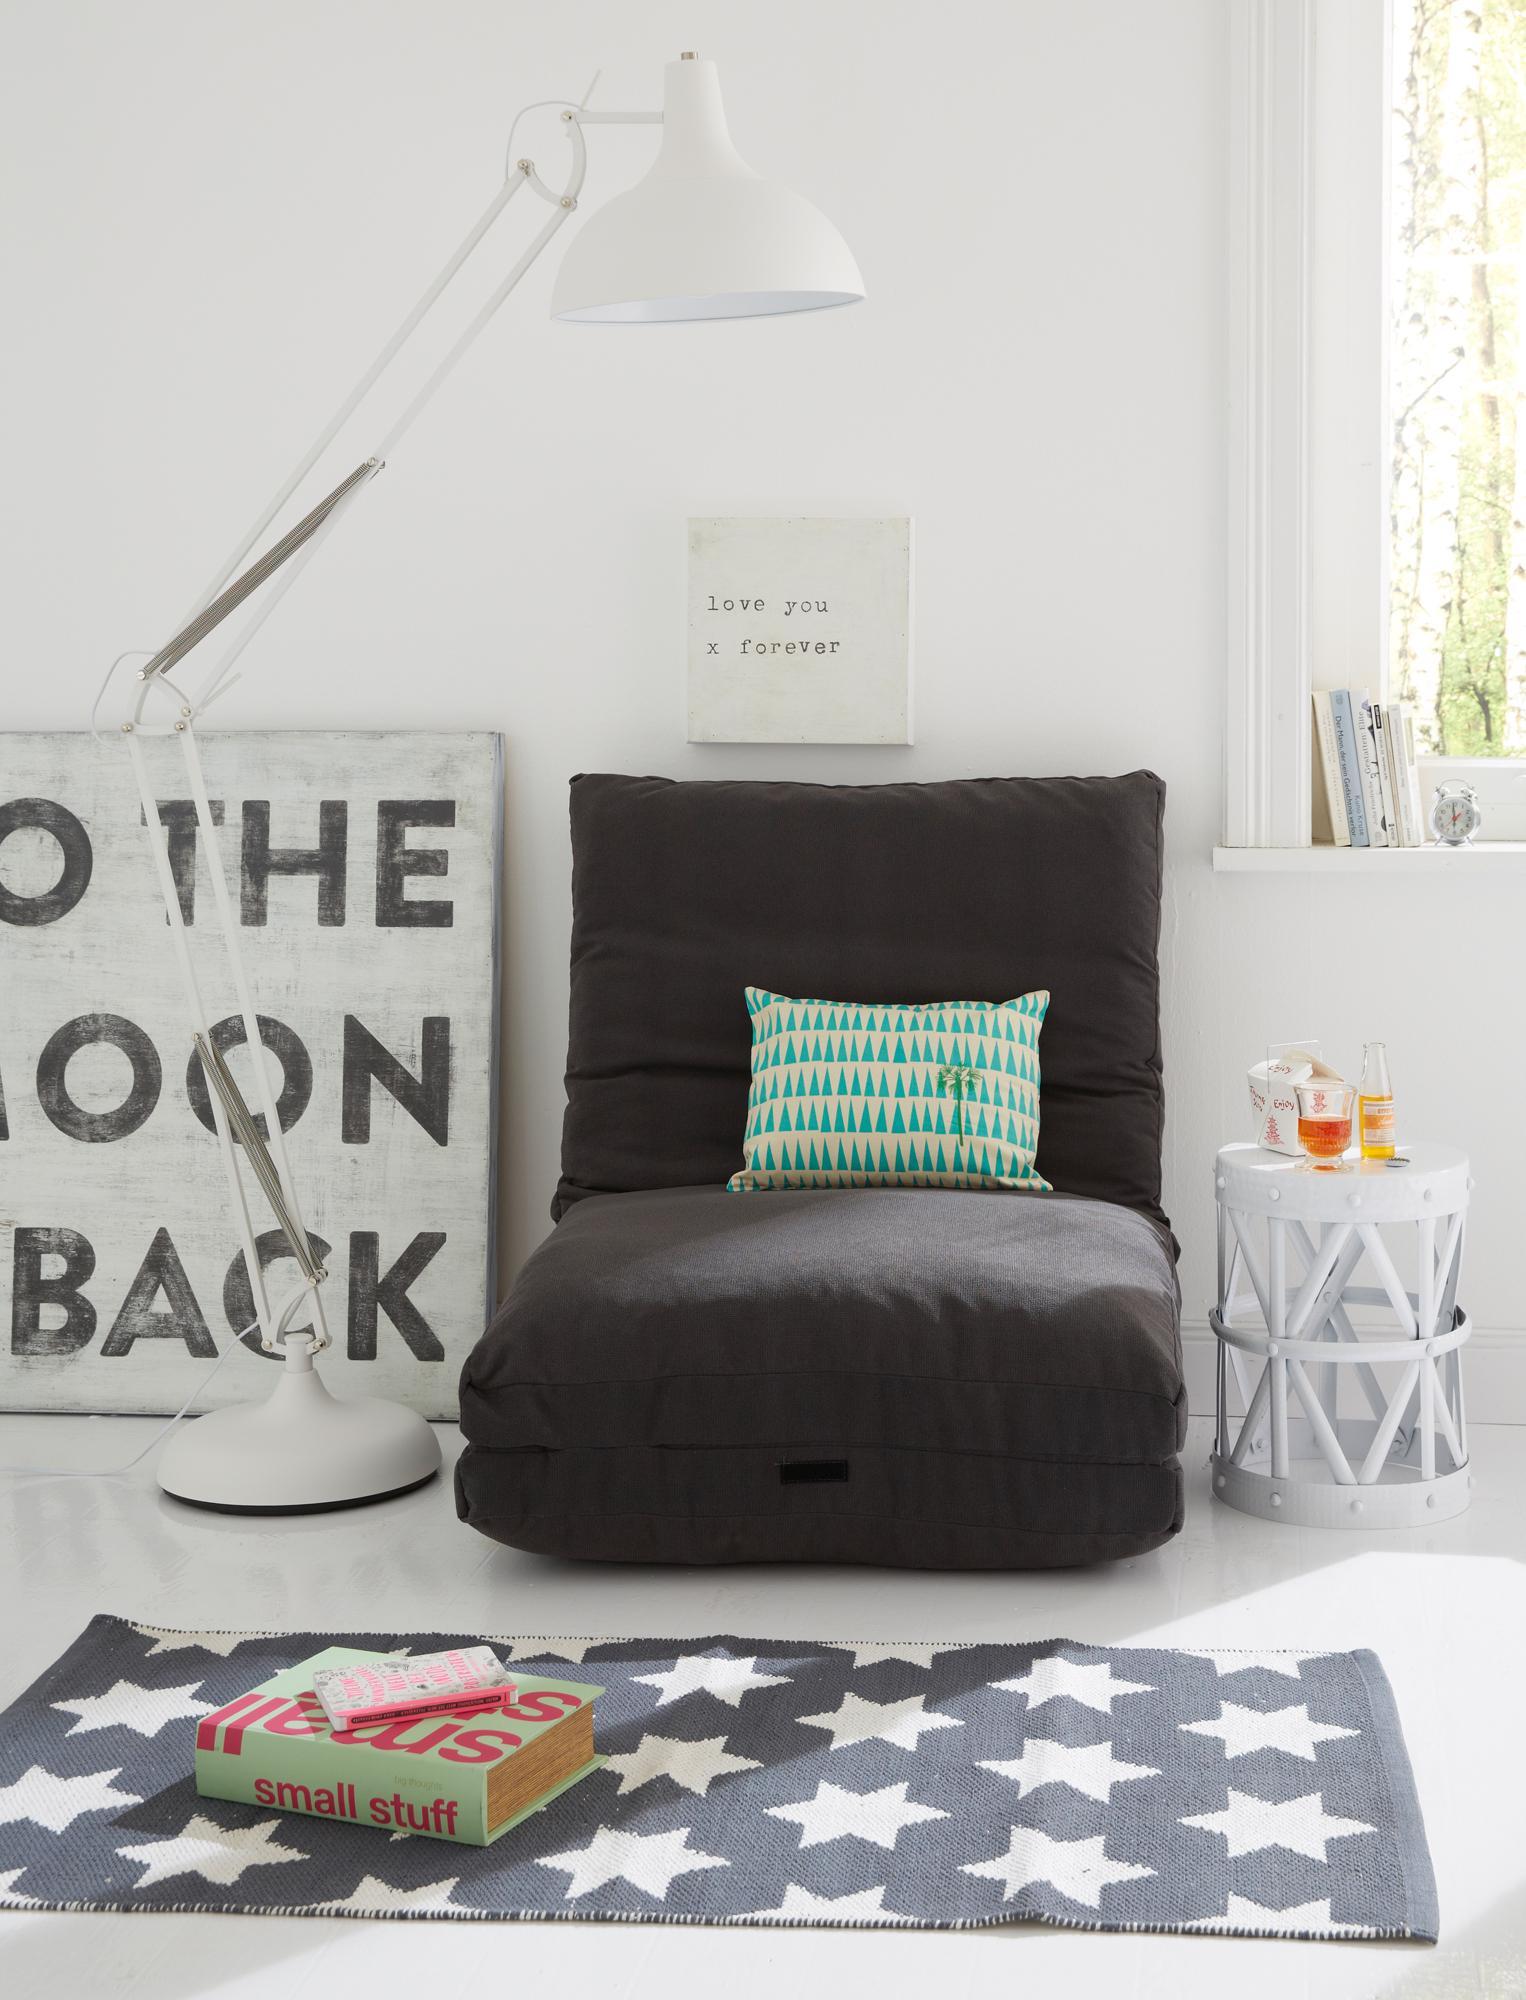 Car Selbstbaumöbel schlafsessel bilder ideen couchstyle